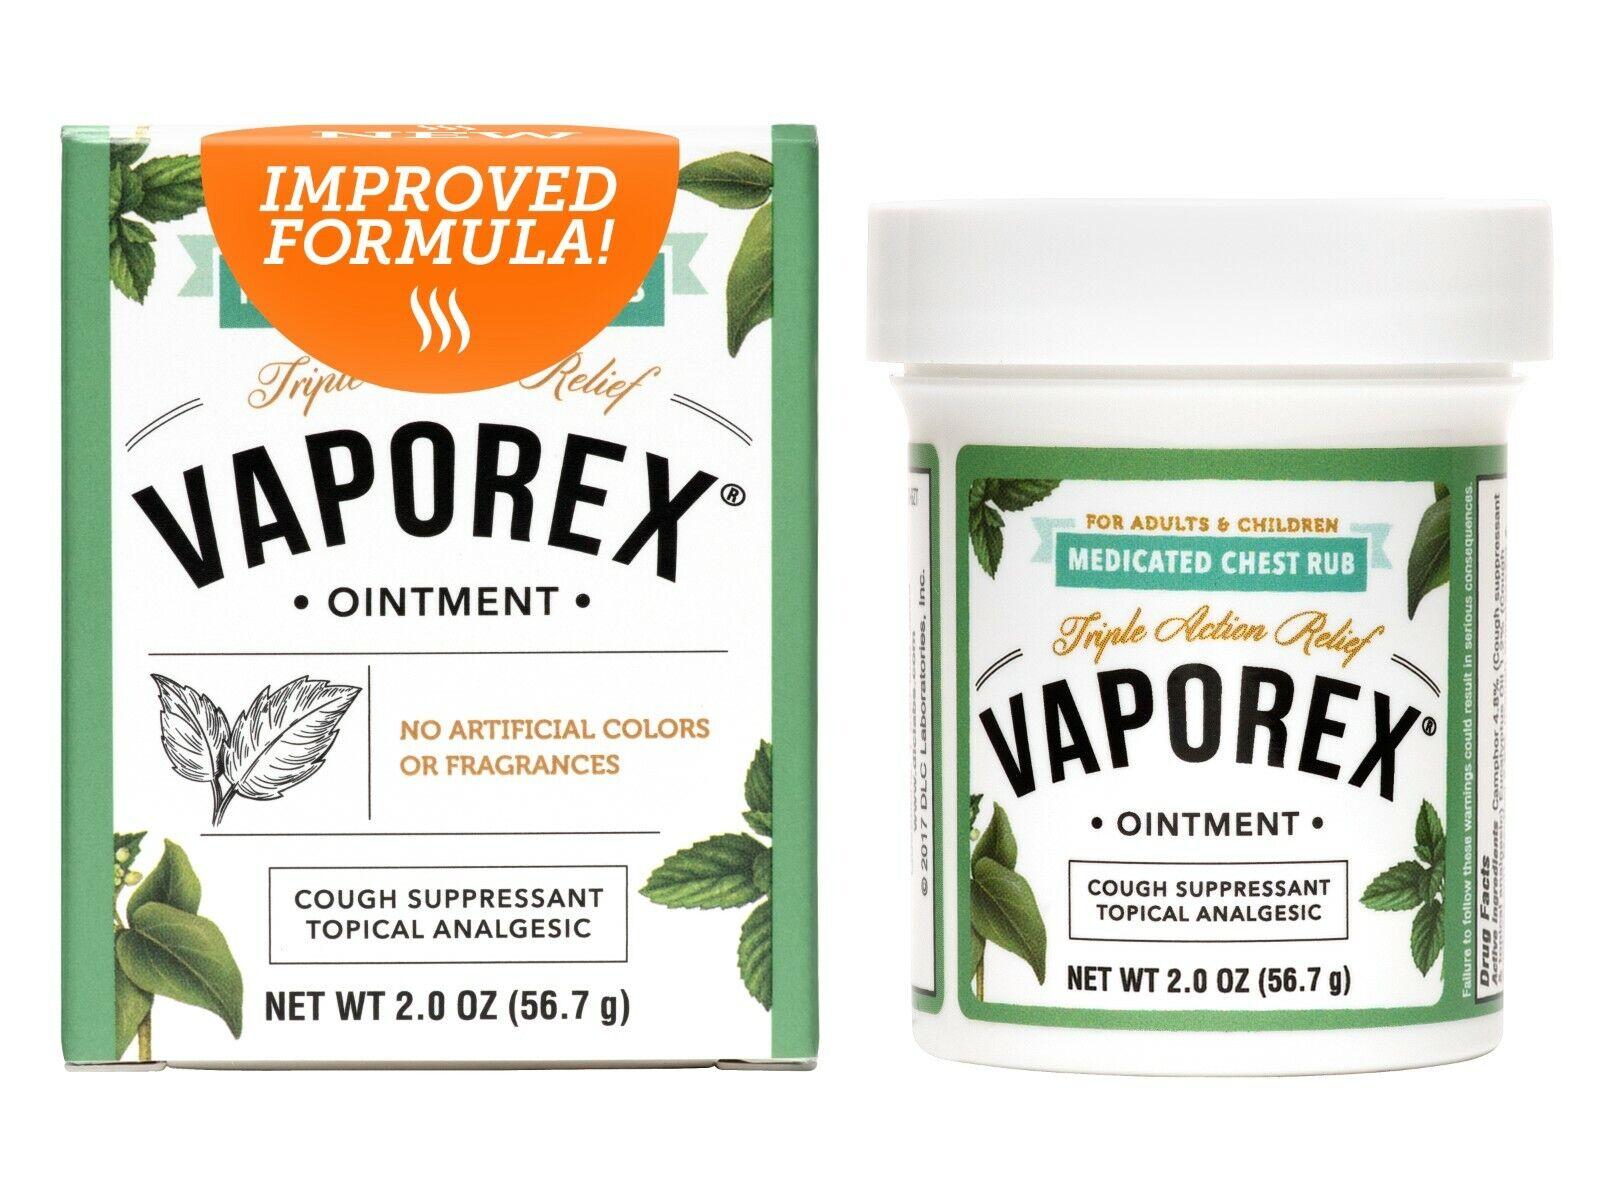 Vaporex Medicated Chest Rub- Camphor, Menthol, USA Made 2 OZ  Exp 8/21 (3 BOXES) 1